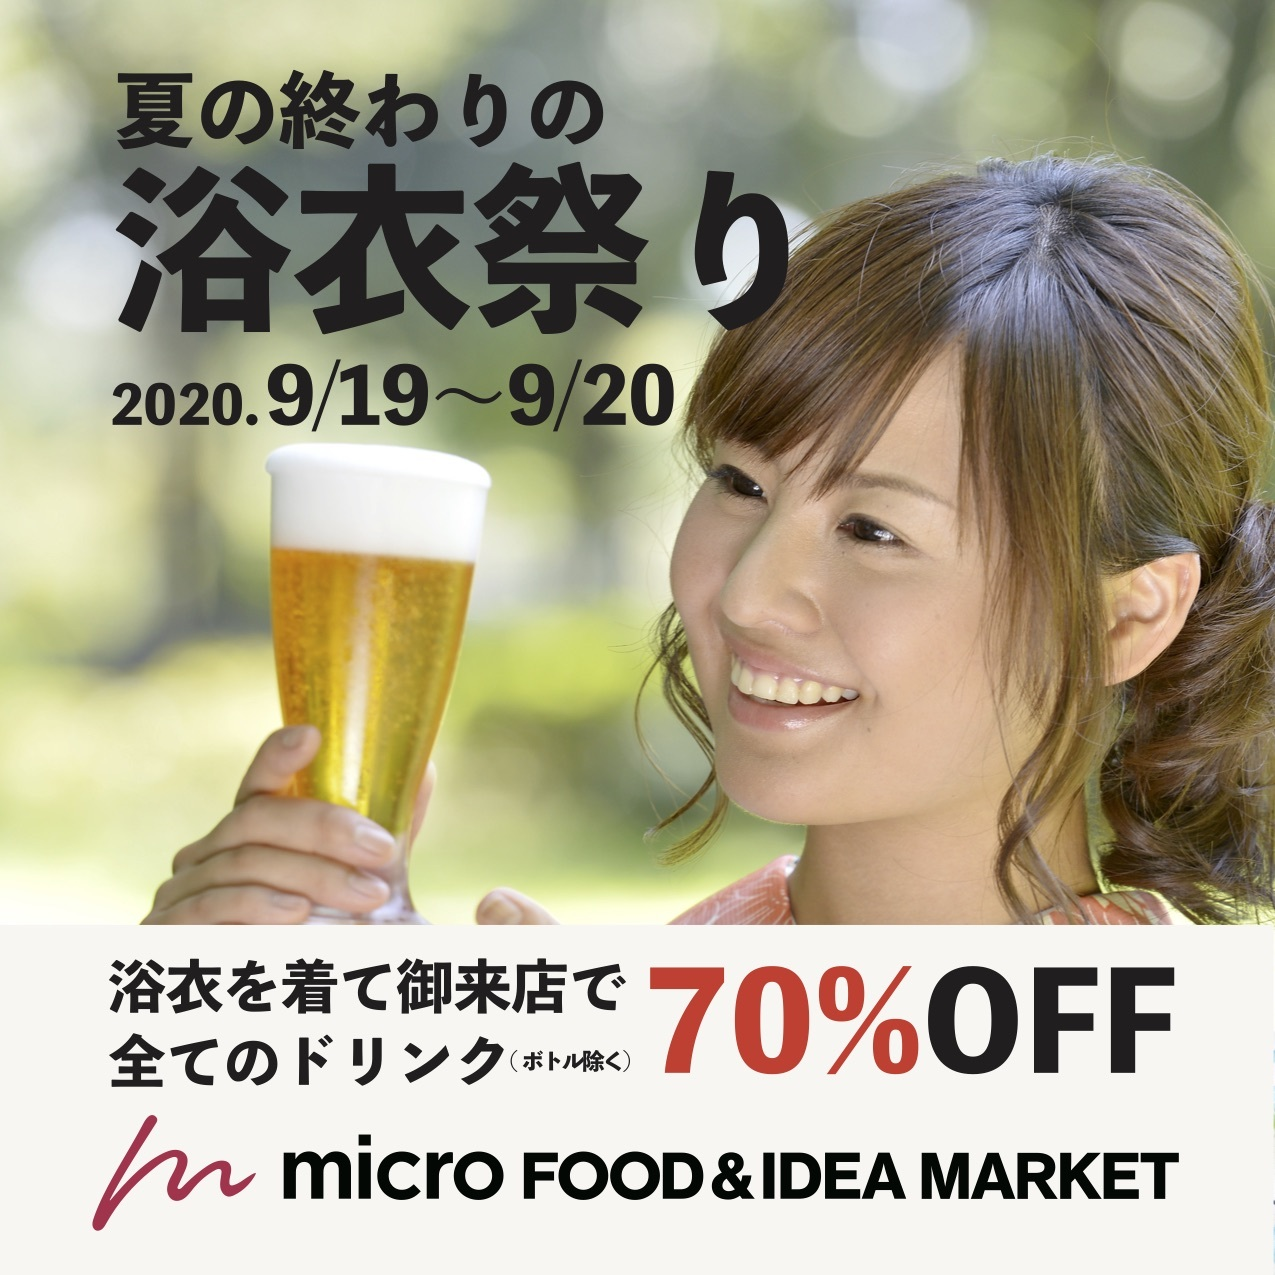 【夏の終わりの浴衣祭り(9/19-9/20)】のイメージ画像